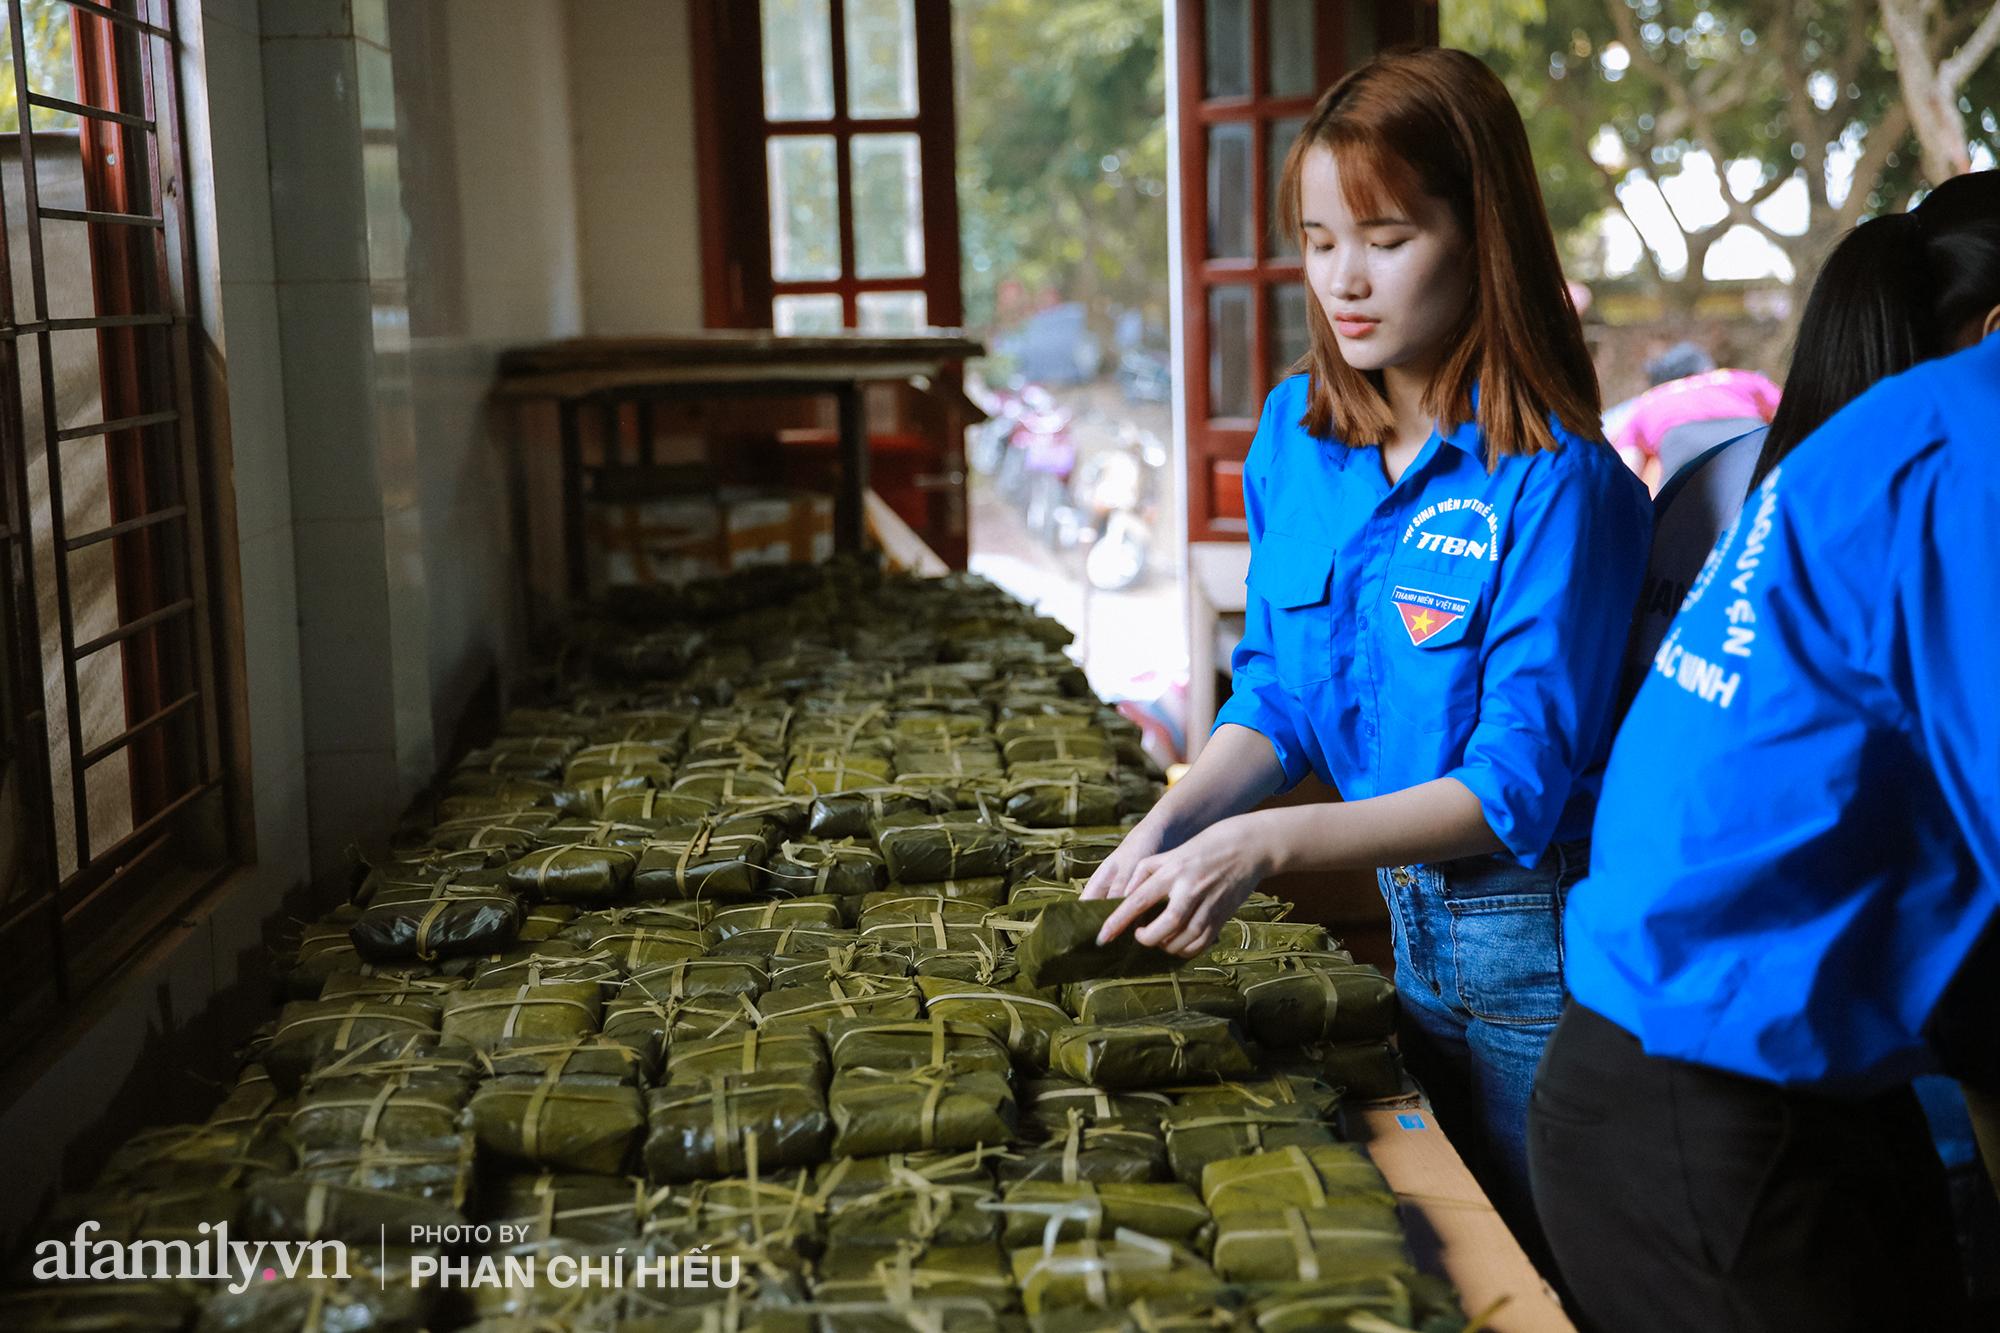 Ngôi chùa ngày đêm sáng đèn làm 7.000 chiếc bánh chưng ủng hộ những người dân vùng rốn lũ miền Trung  - Ảnh 12.